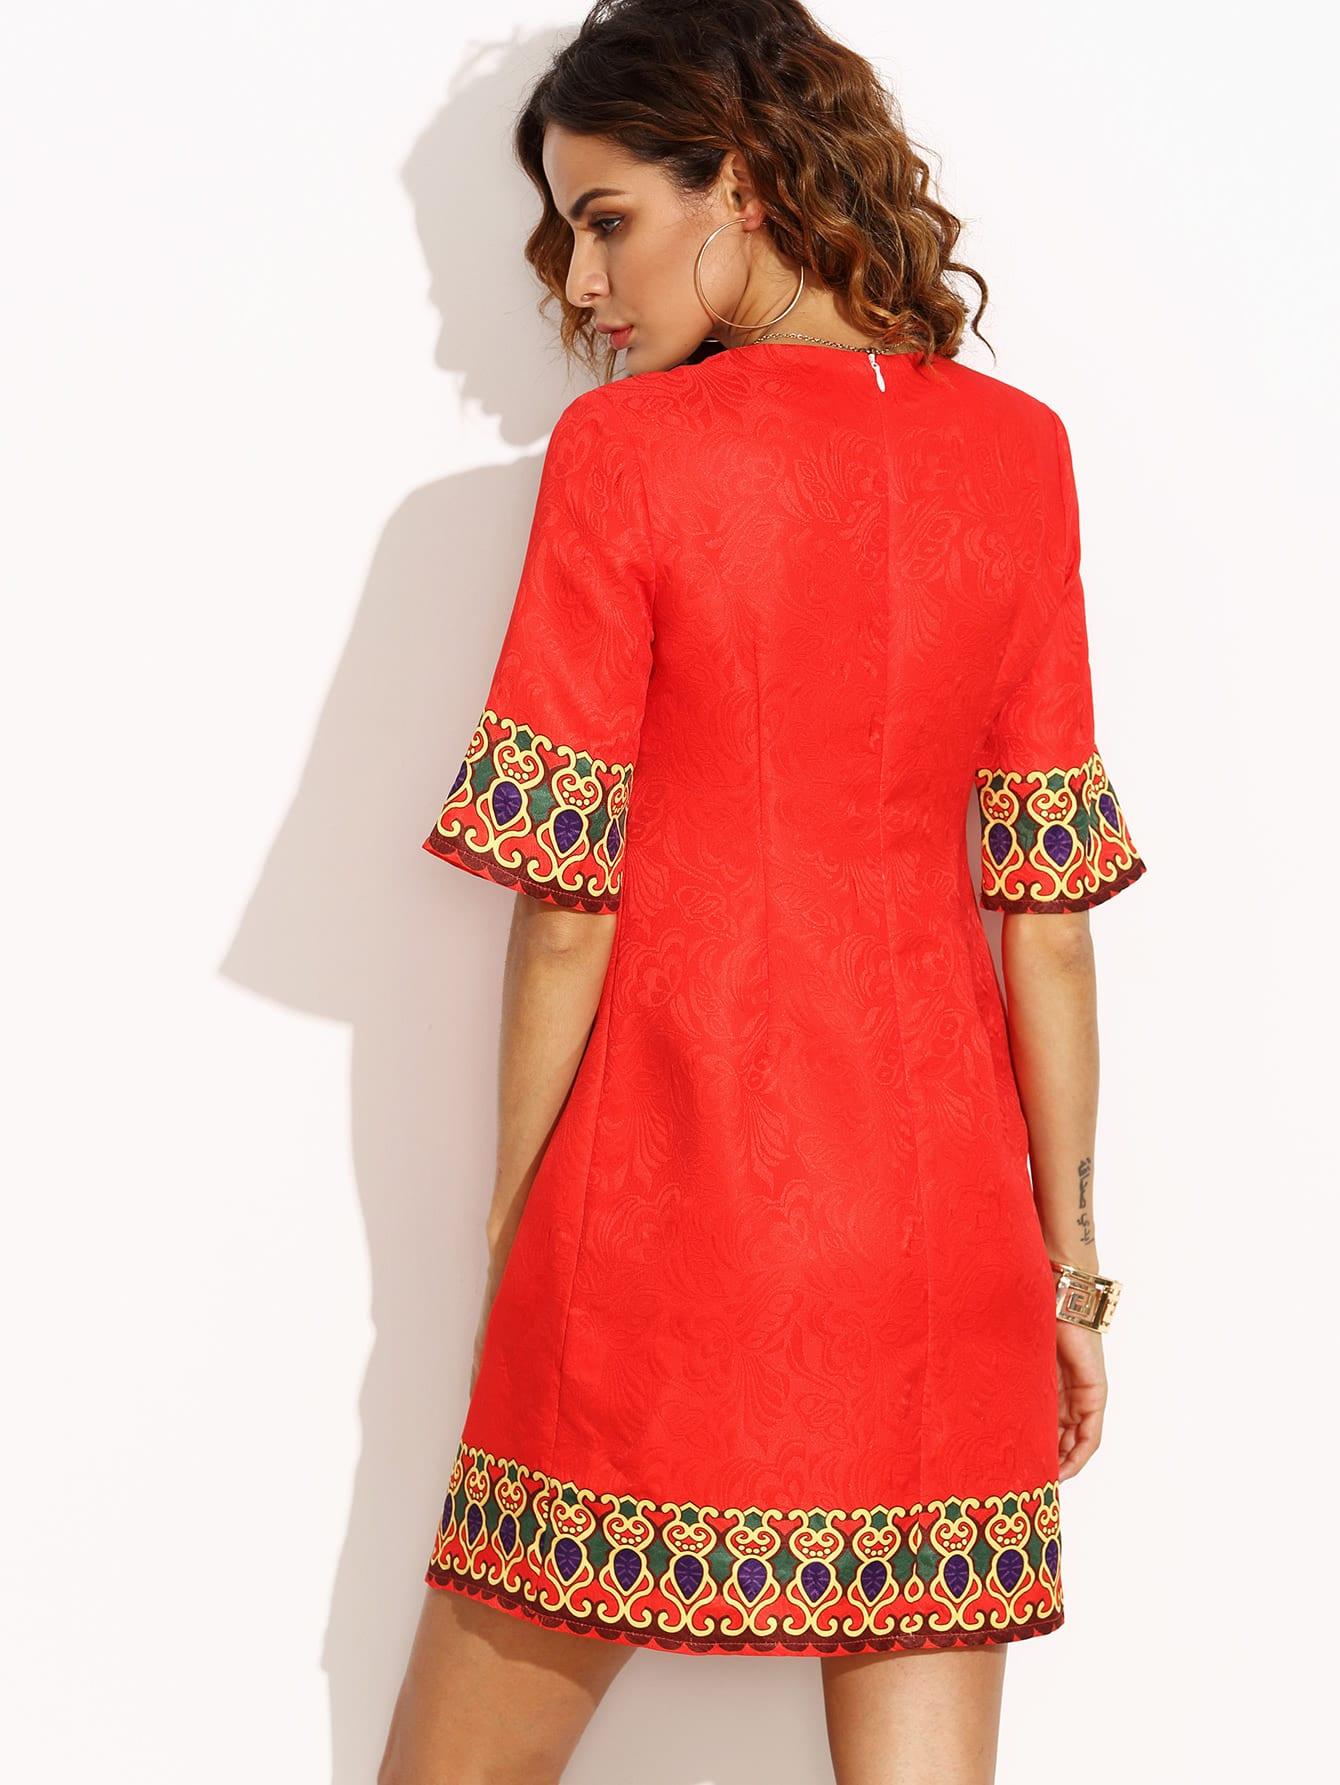 dress160809504_3